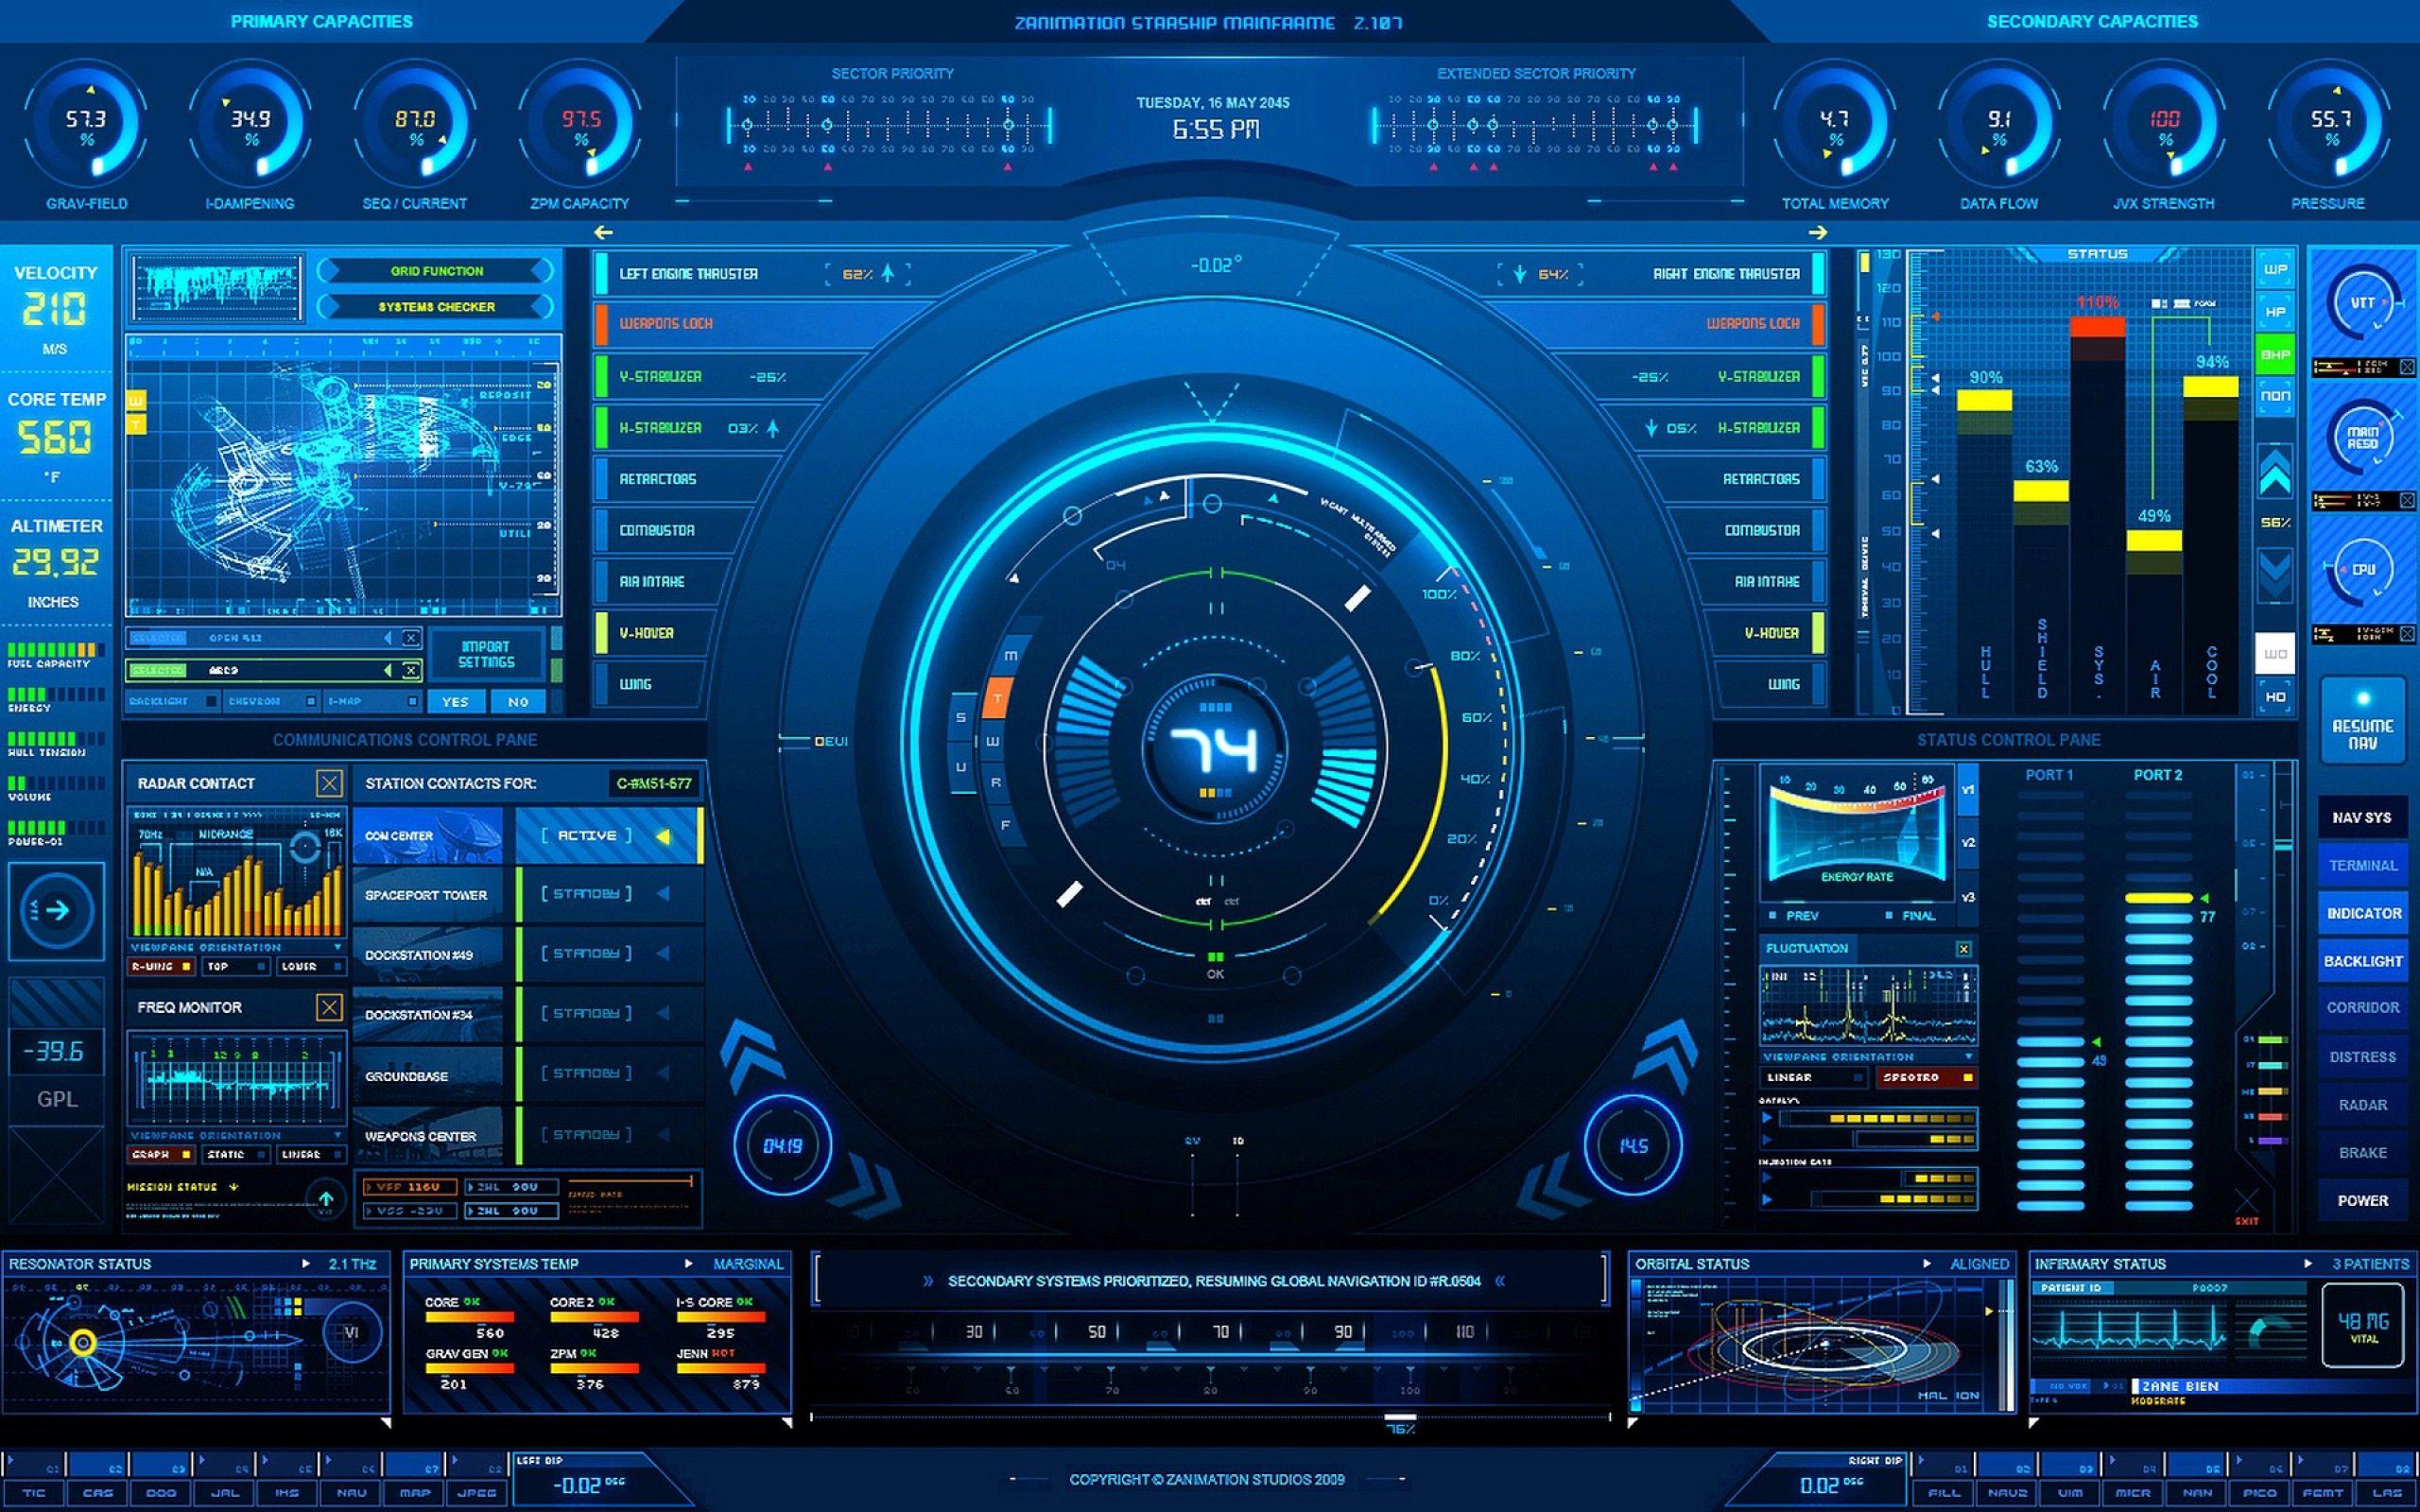 Hi Tech Wallpaper 27 Jpg 2560 1600 Technology Wallpaper Interface Design Hi Tech Wallpaper